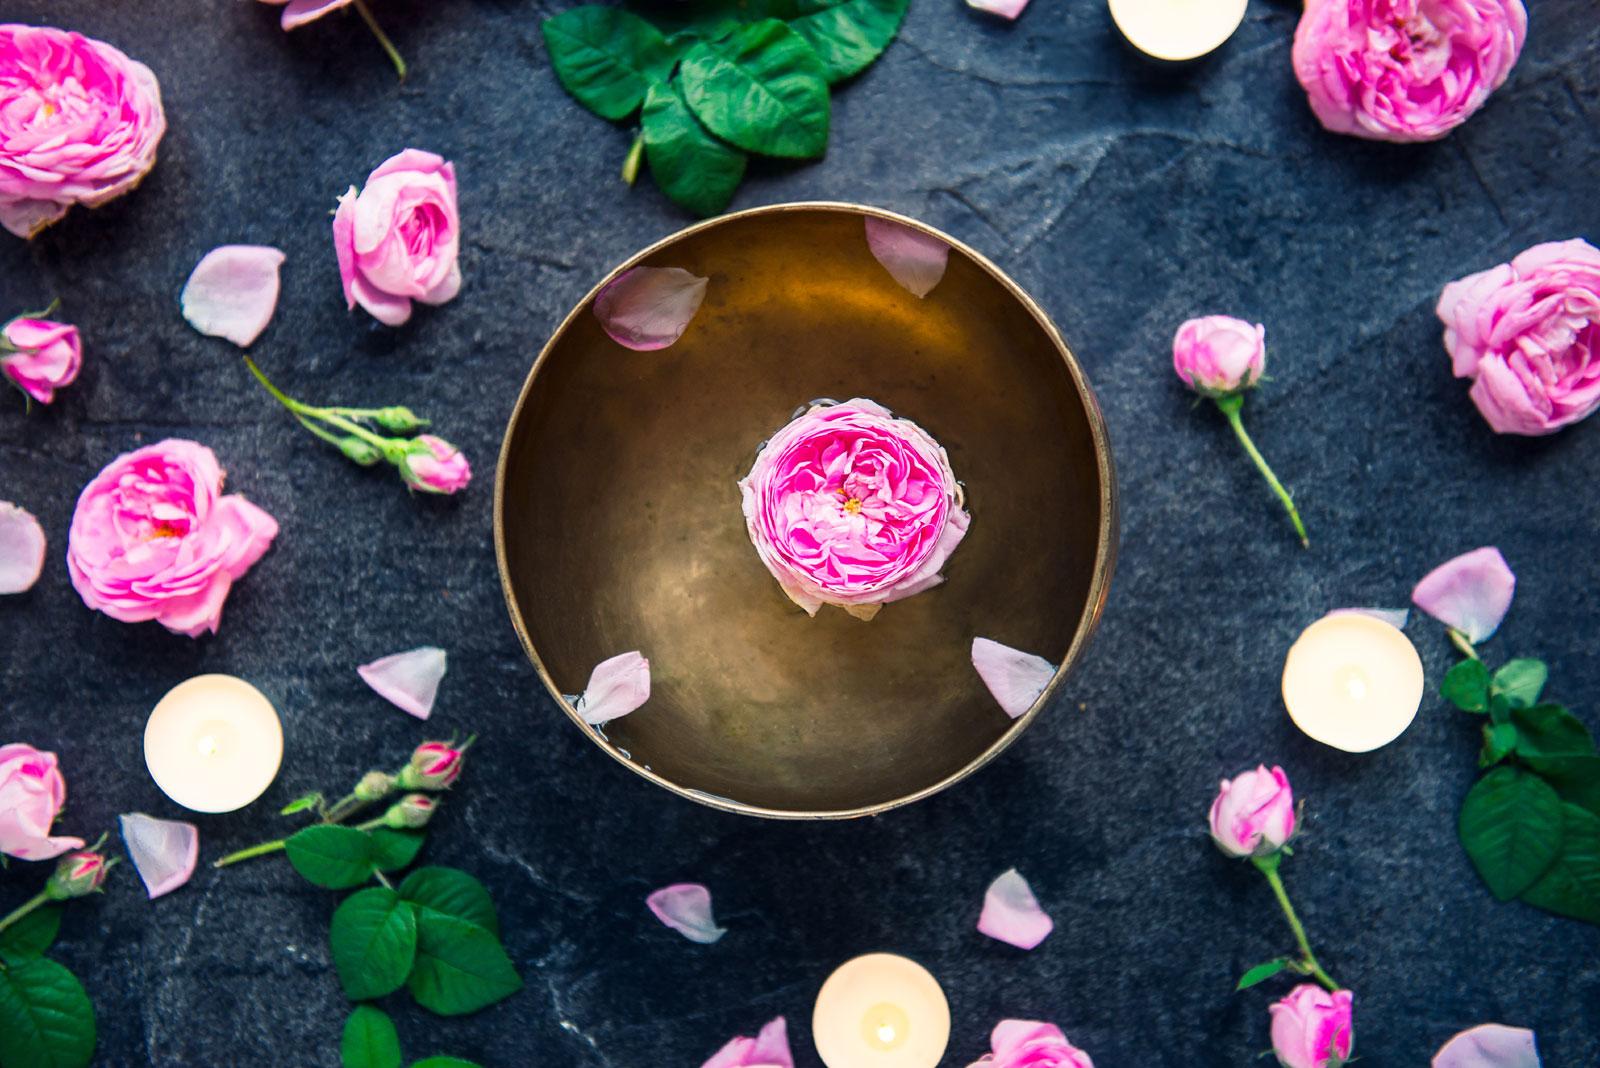 Abschieds Rituale mit Klangschale und Rosenblüten